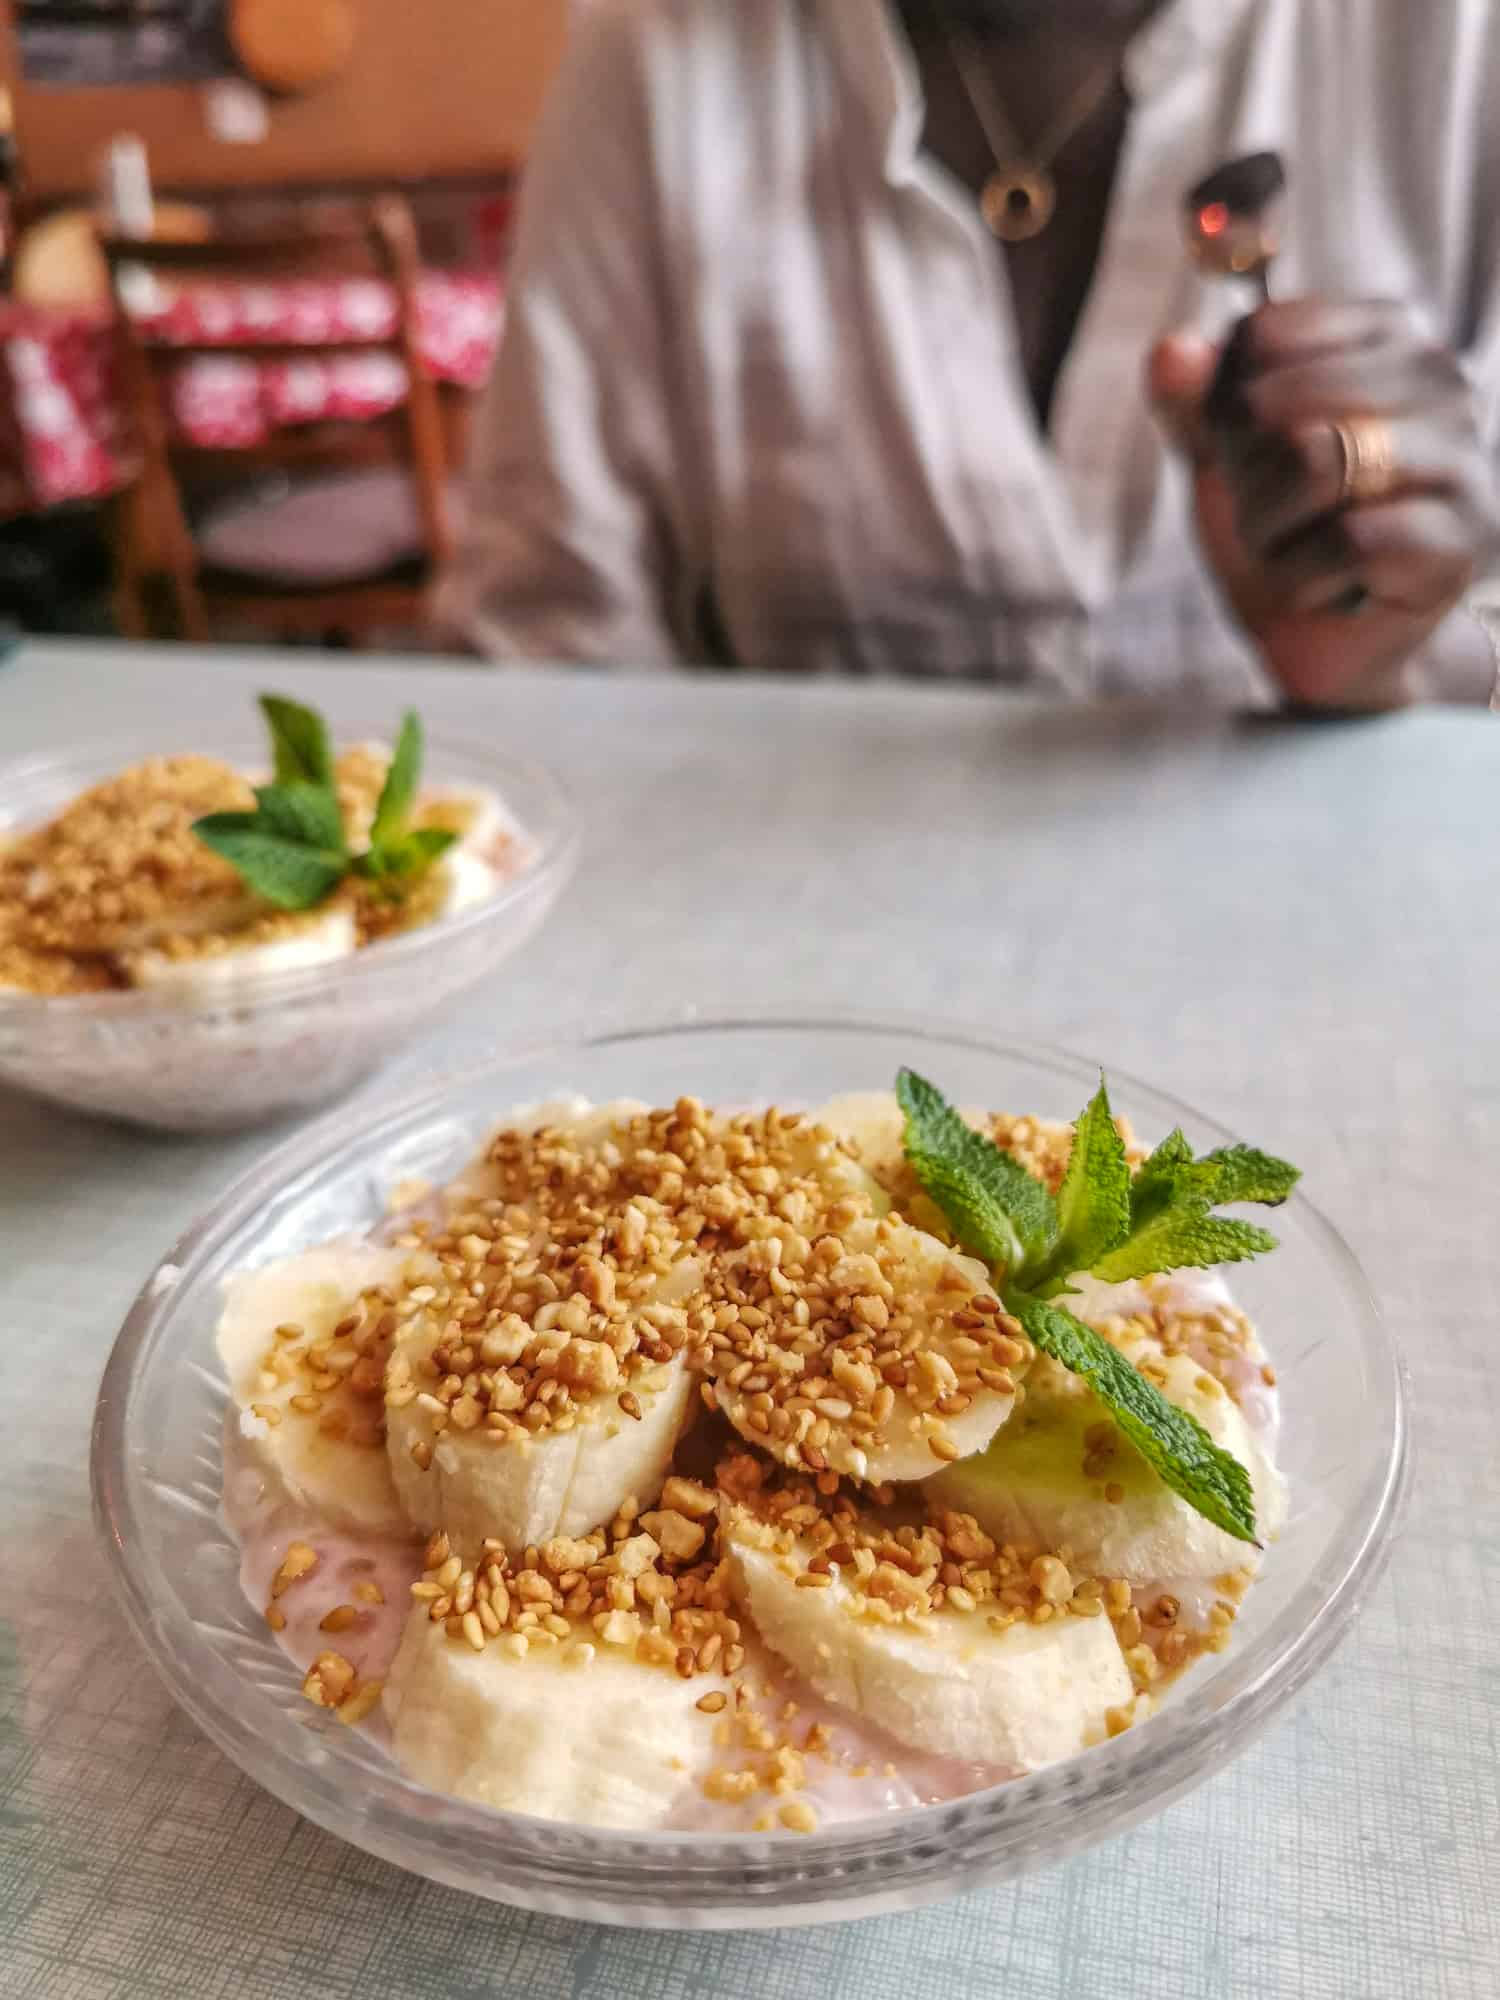 ca-phe-broc-ouest-restaurant-vietnamien-paris-14-bouiboui-34